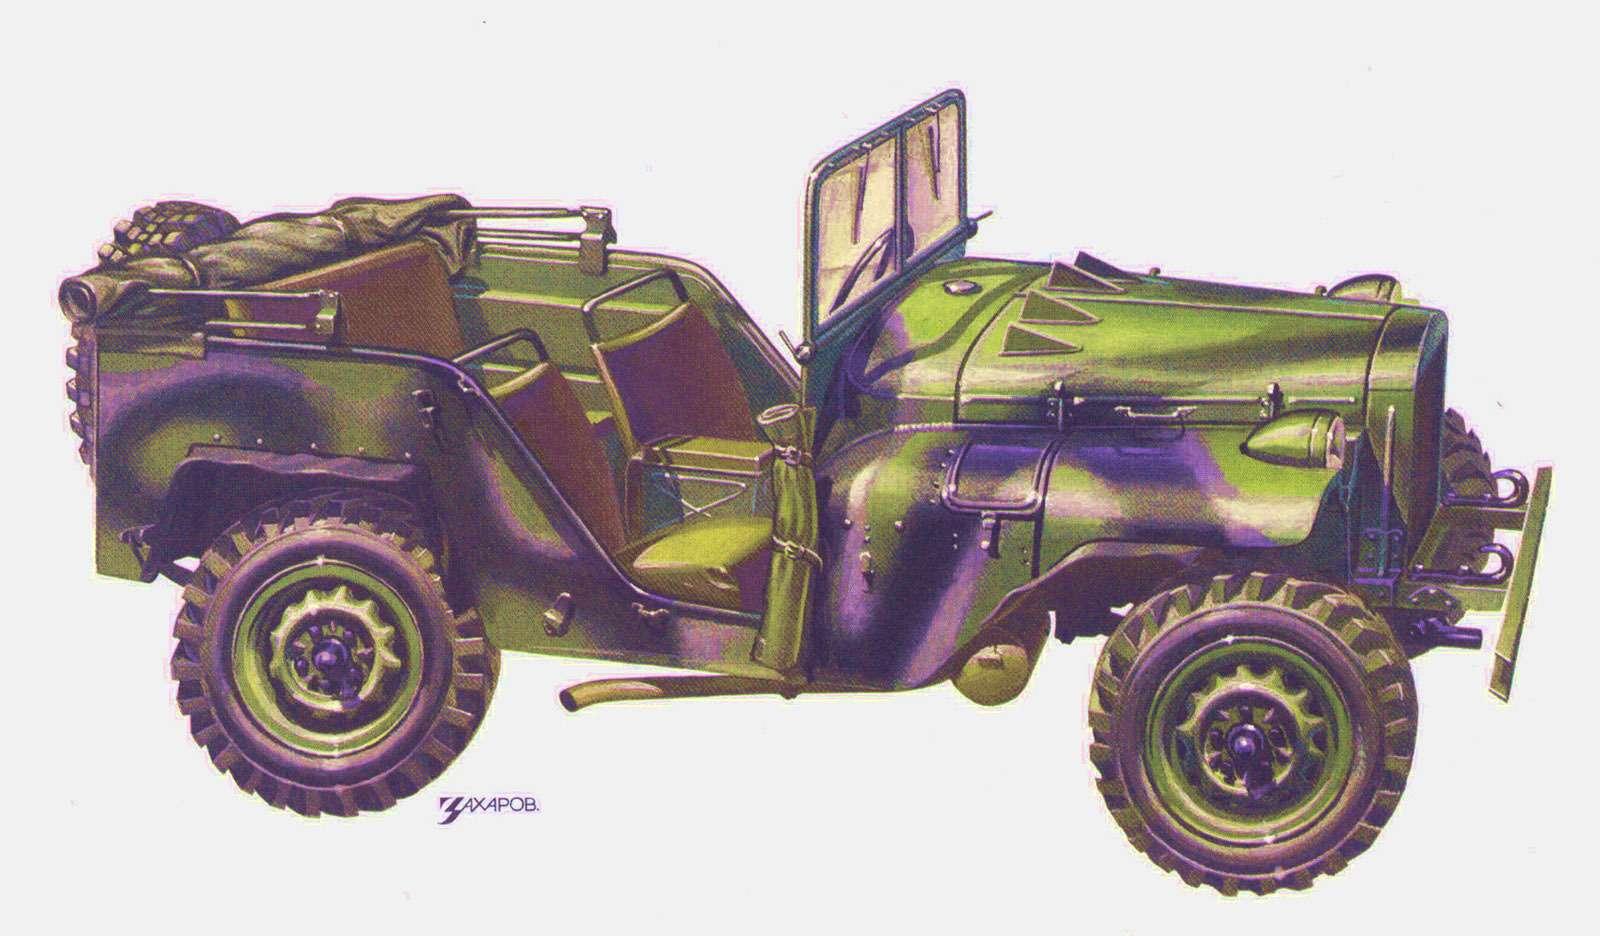 Вездеход ГАЗ-64. Впериод с1941по 1943год выпущено 672 машины. Рисунок Александра Захарова дляисторической серии журнала «Зарулем»